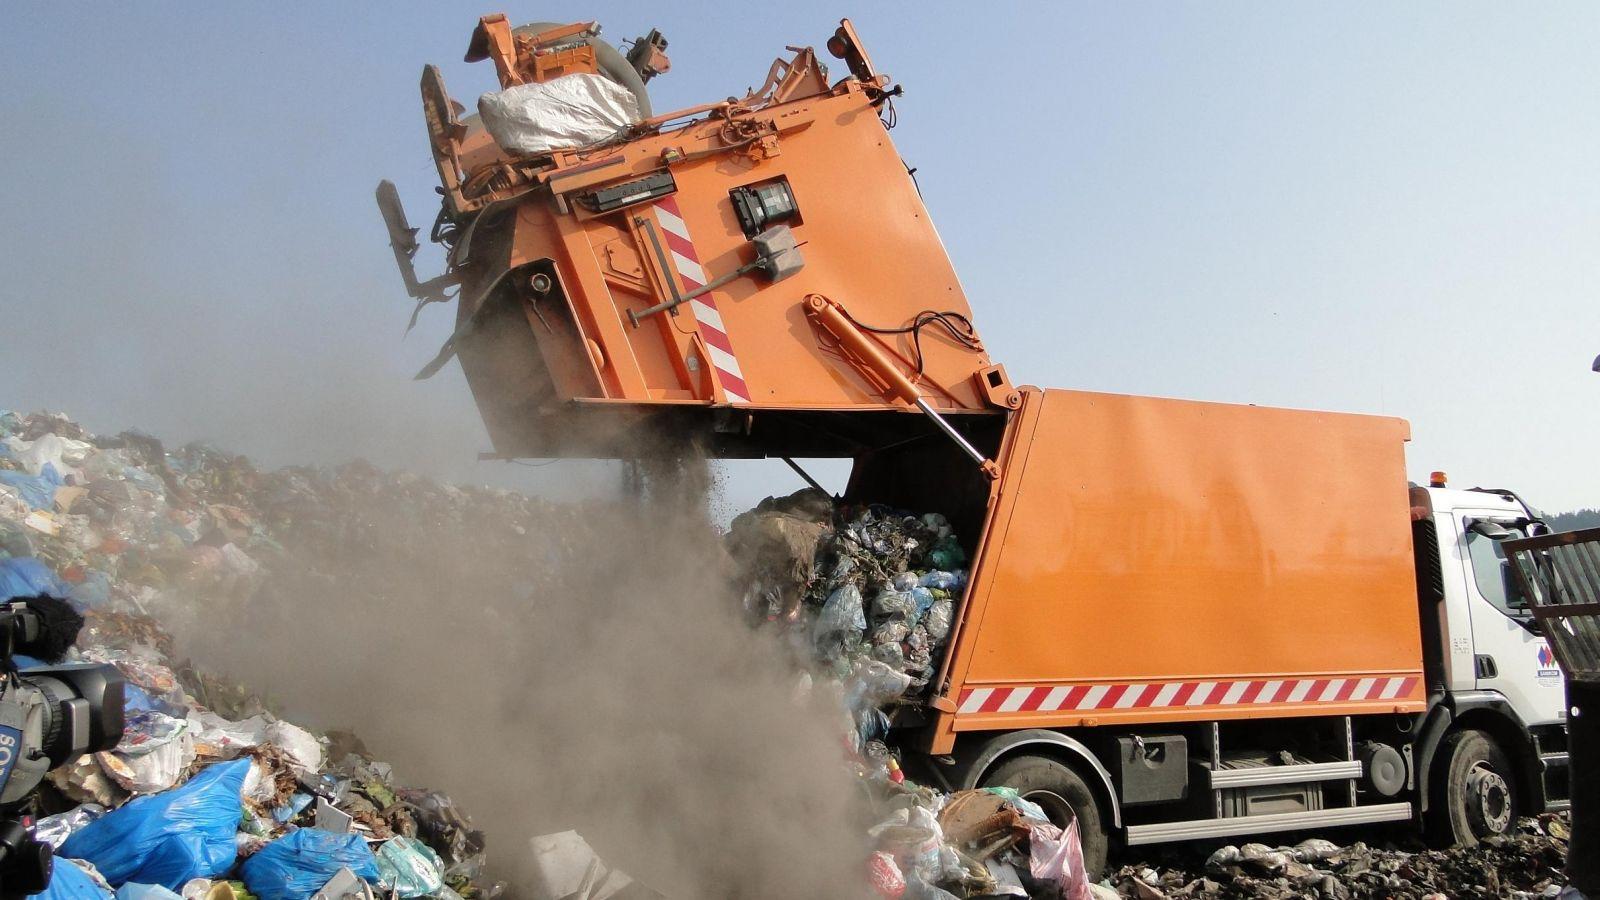 Plan Gospodarki Odpadami dla Dolnego Śląska